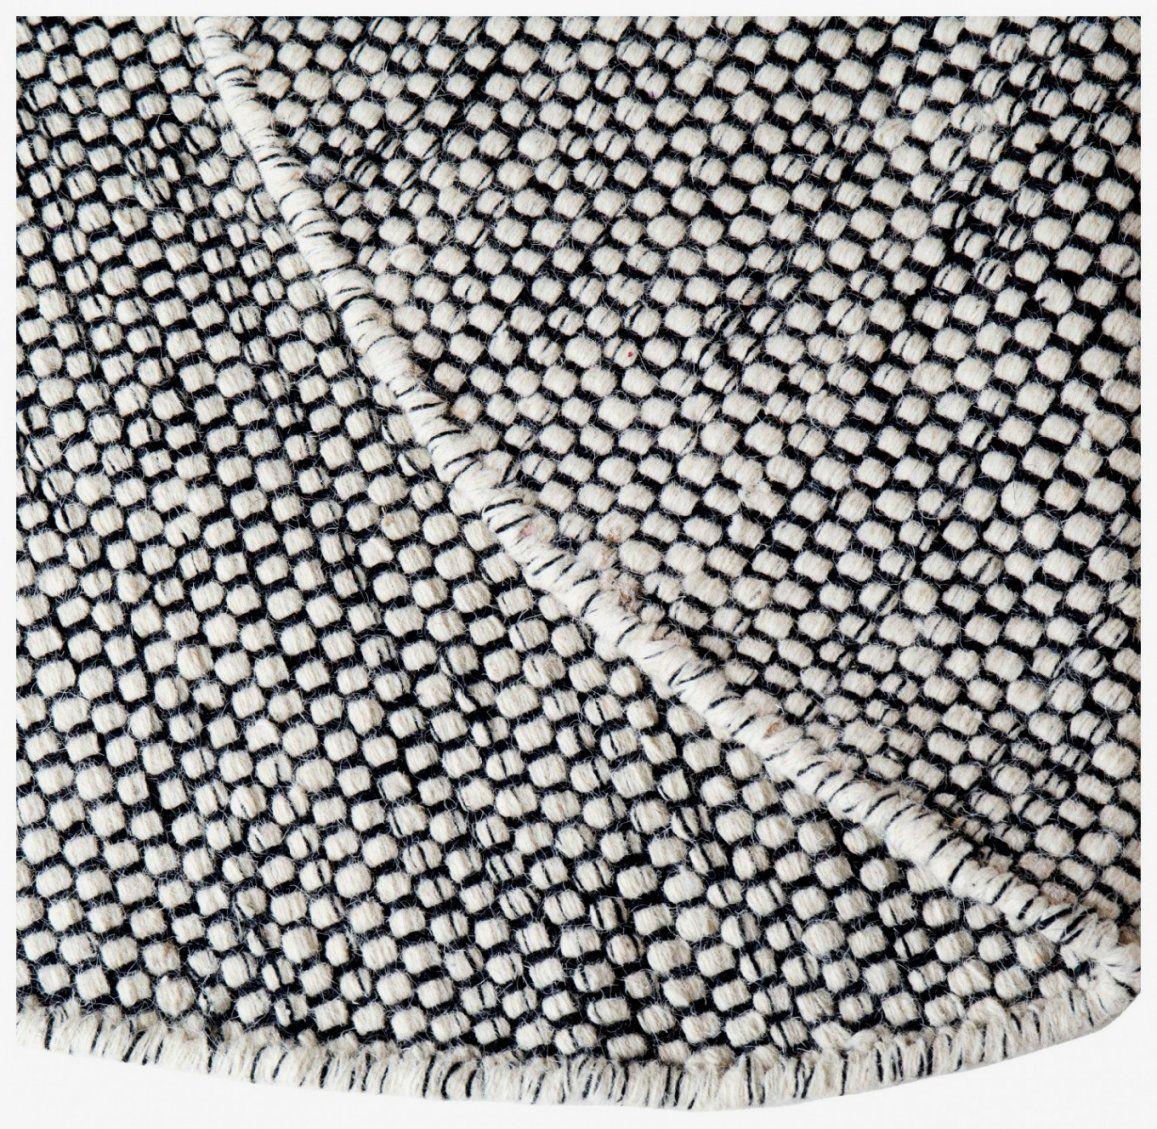 39 Inspirierend Teppich Rund Schwarz Weiß Für Ihre Dekorationsideen von Teppich Rund Schwarz Weiß Photo